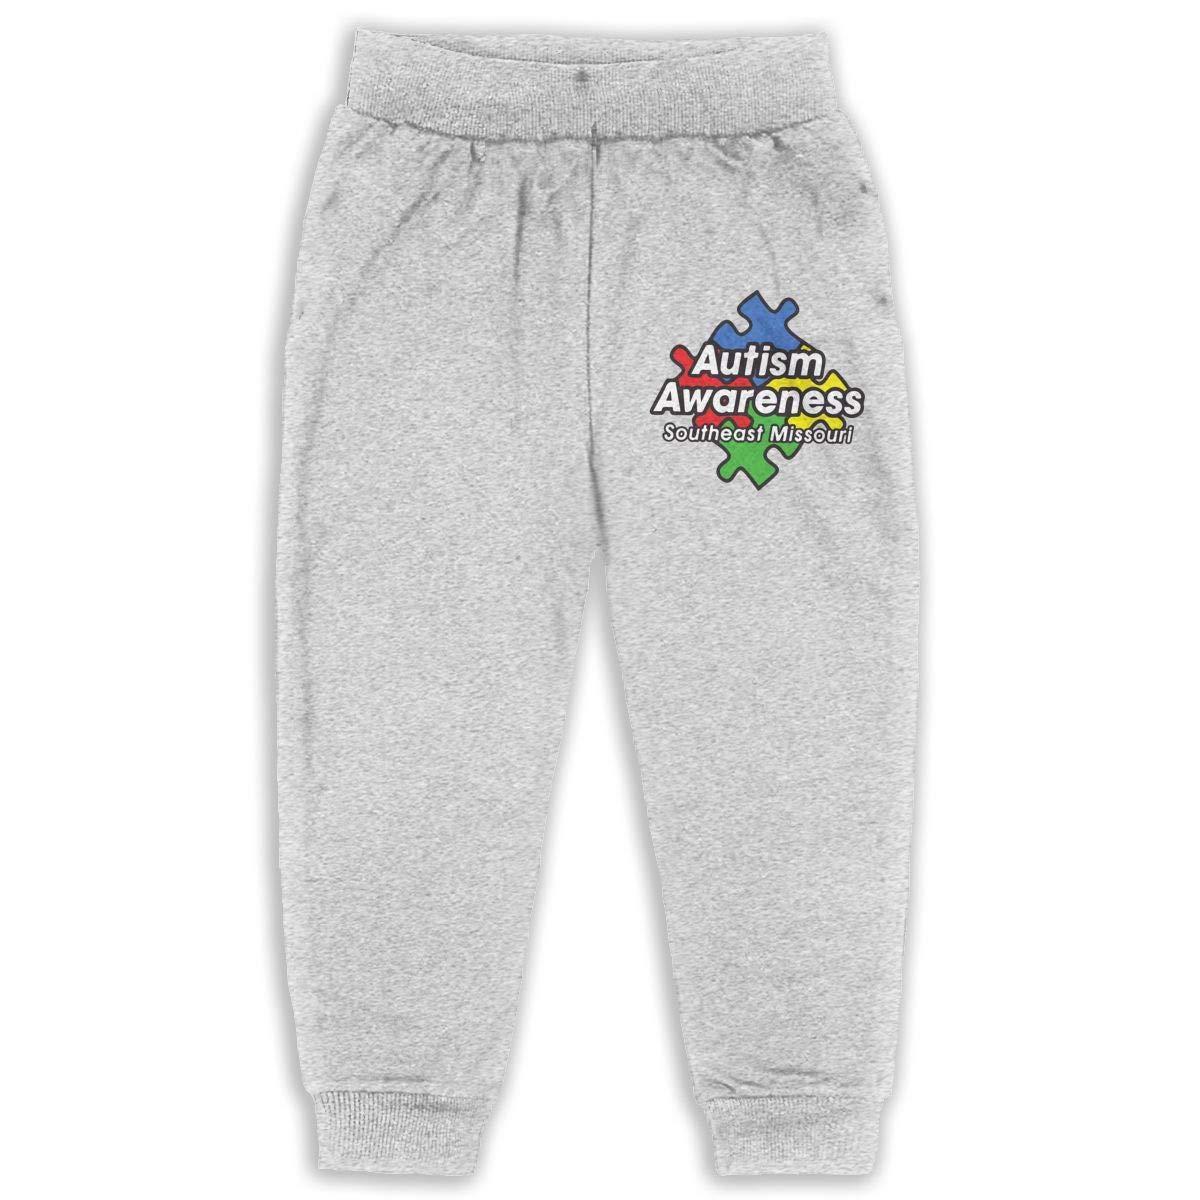 Soft Cozy Baby Boy Jogger Play Pant Udyi/&Jln-97 Autism Awareness Kids /& Toddler Sweatpants